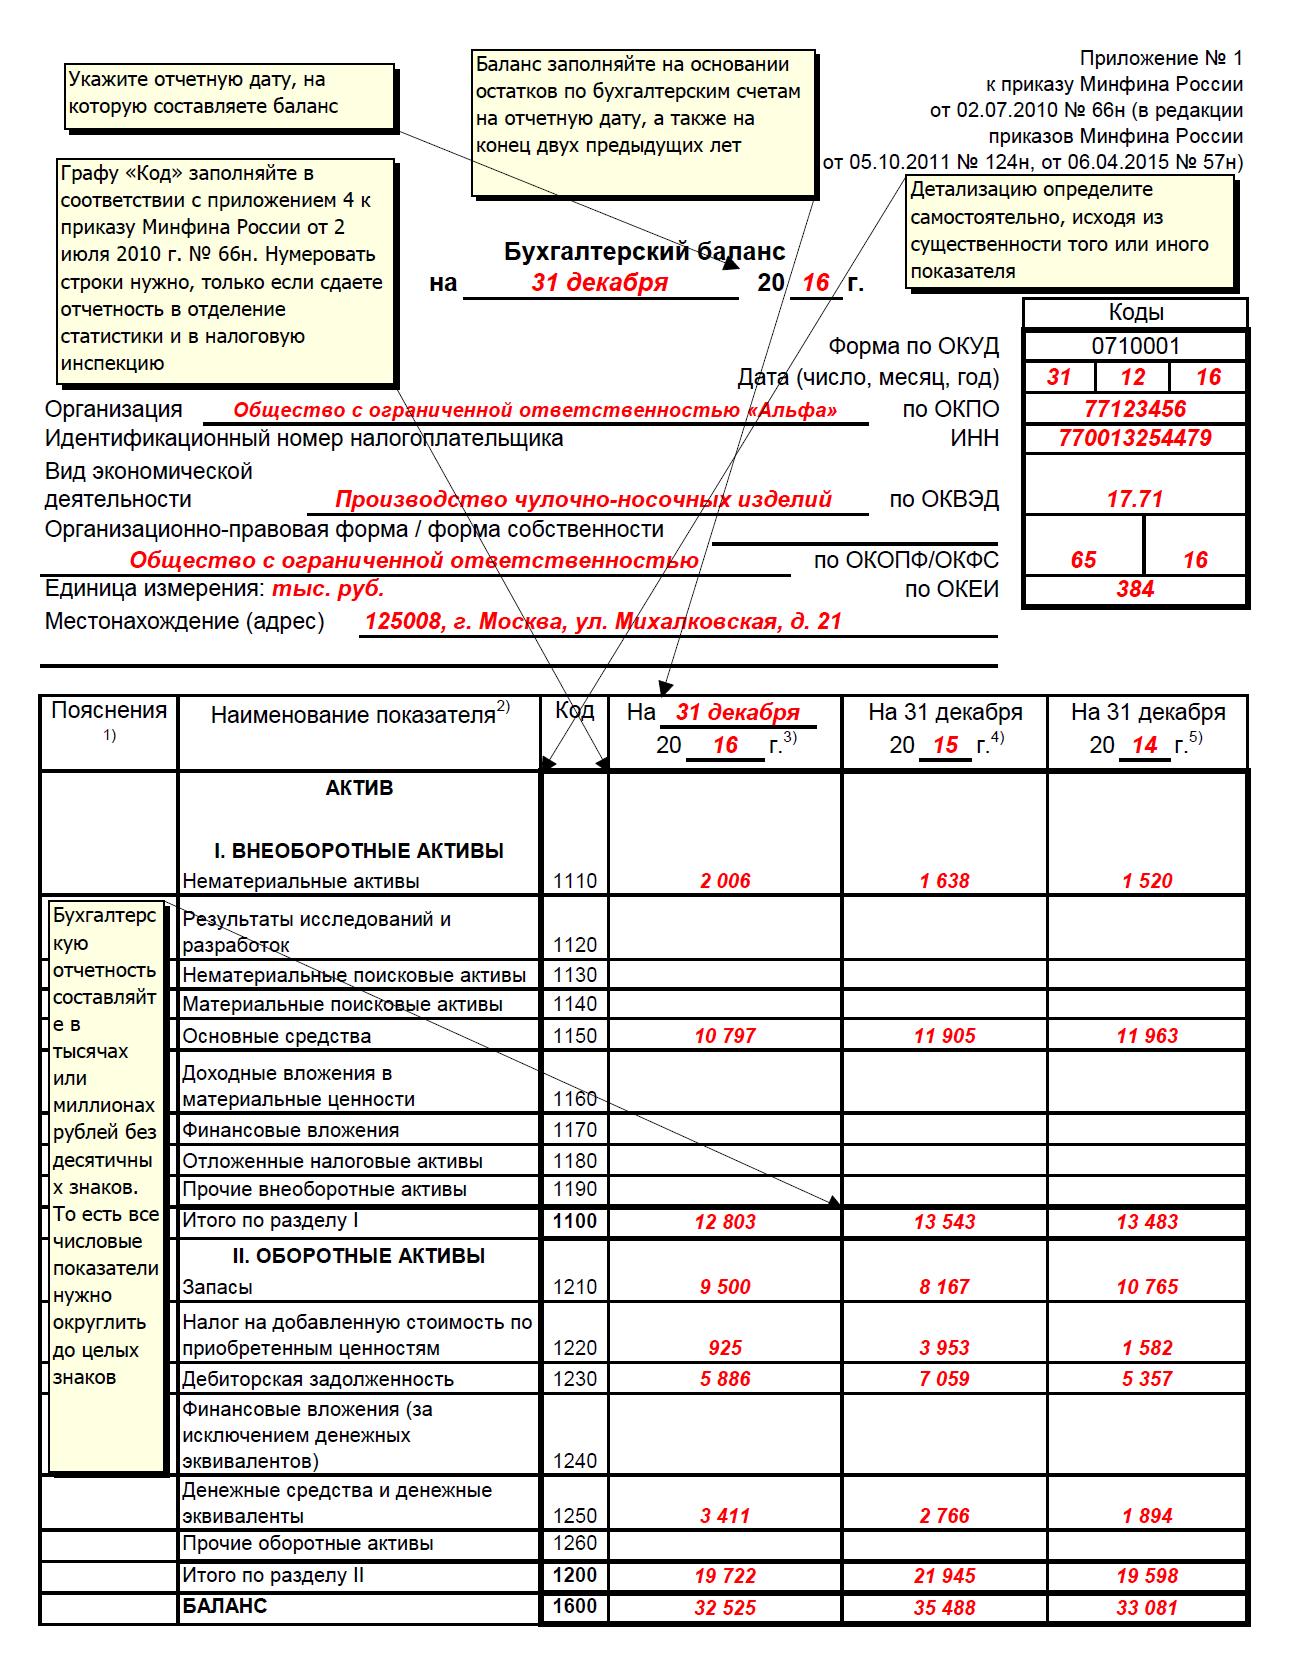 Годовая отчетность за 2016 год: сроки сдачи отчетности